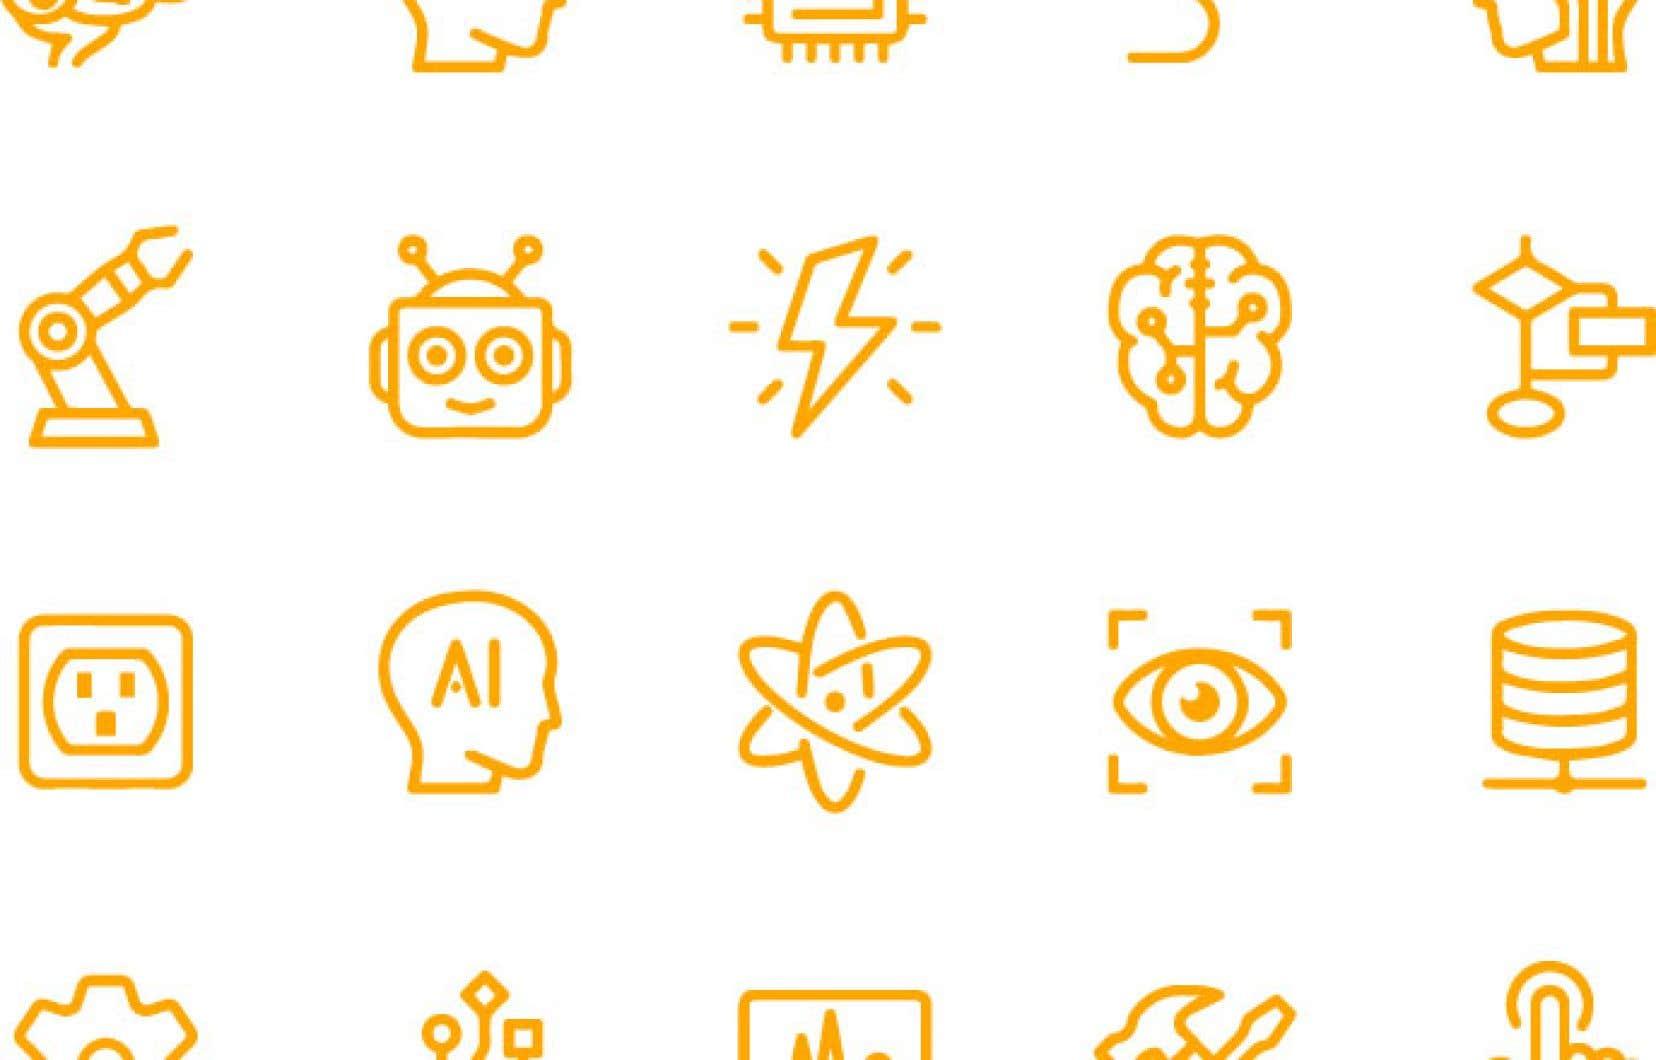 L'IA est au coeur de la médecine du futur, avec les opérations assistées, le suivi des patients à distance, les prothèses intelligentes, les traitements personnalisés,etc.